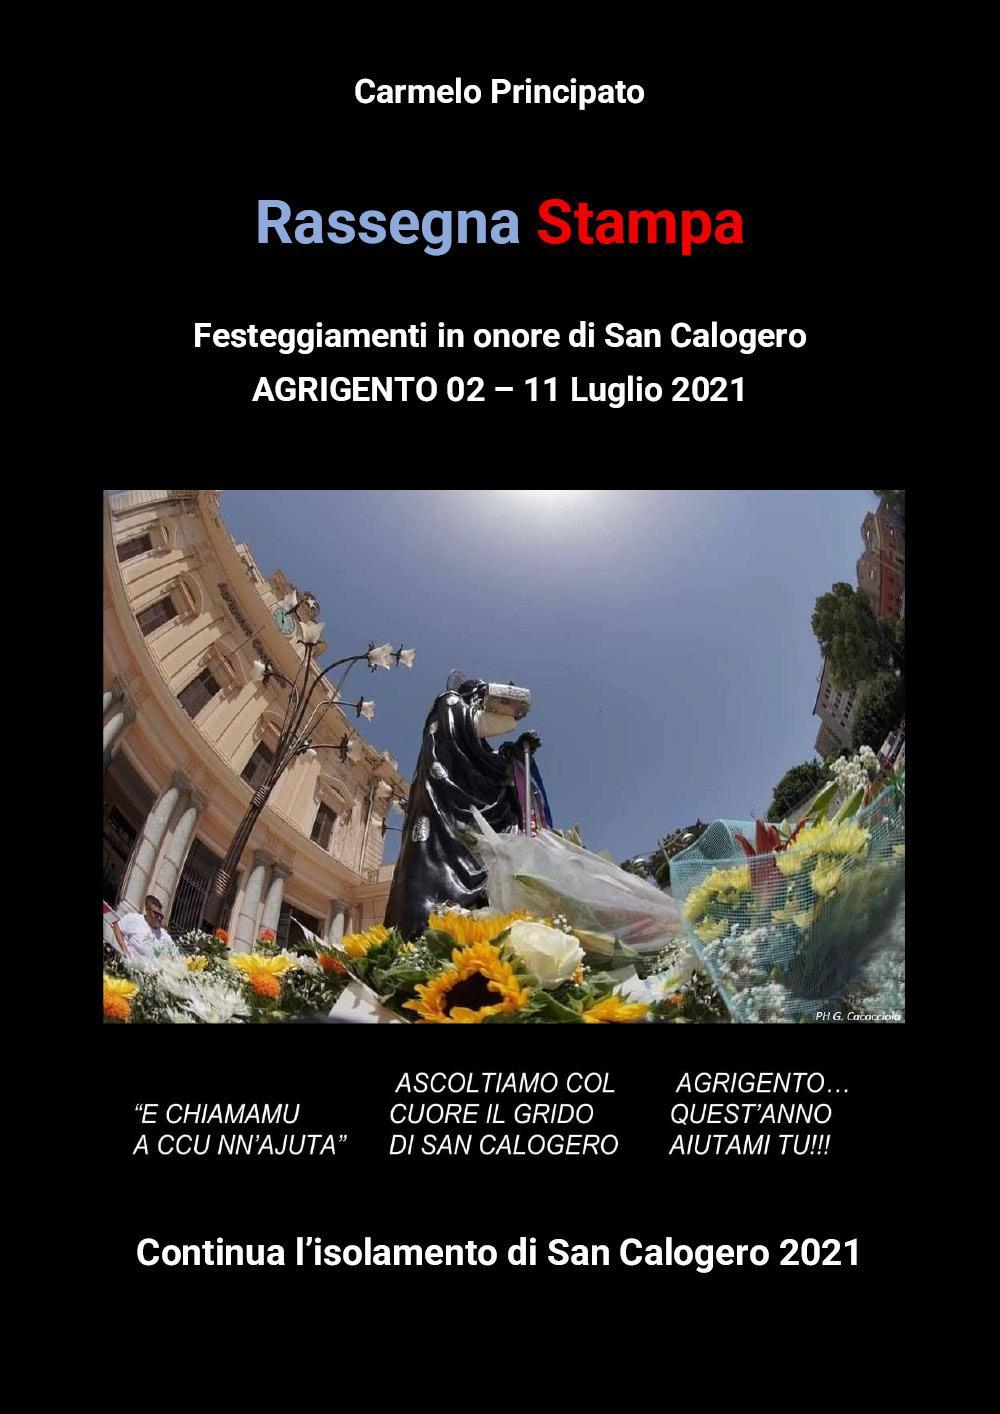 Rassegna Stampa - Festeggiamenti in onore di San Calogero - Agrigento 02-11 Luglio 2021